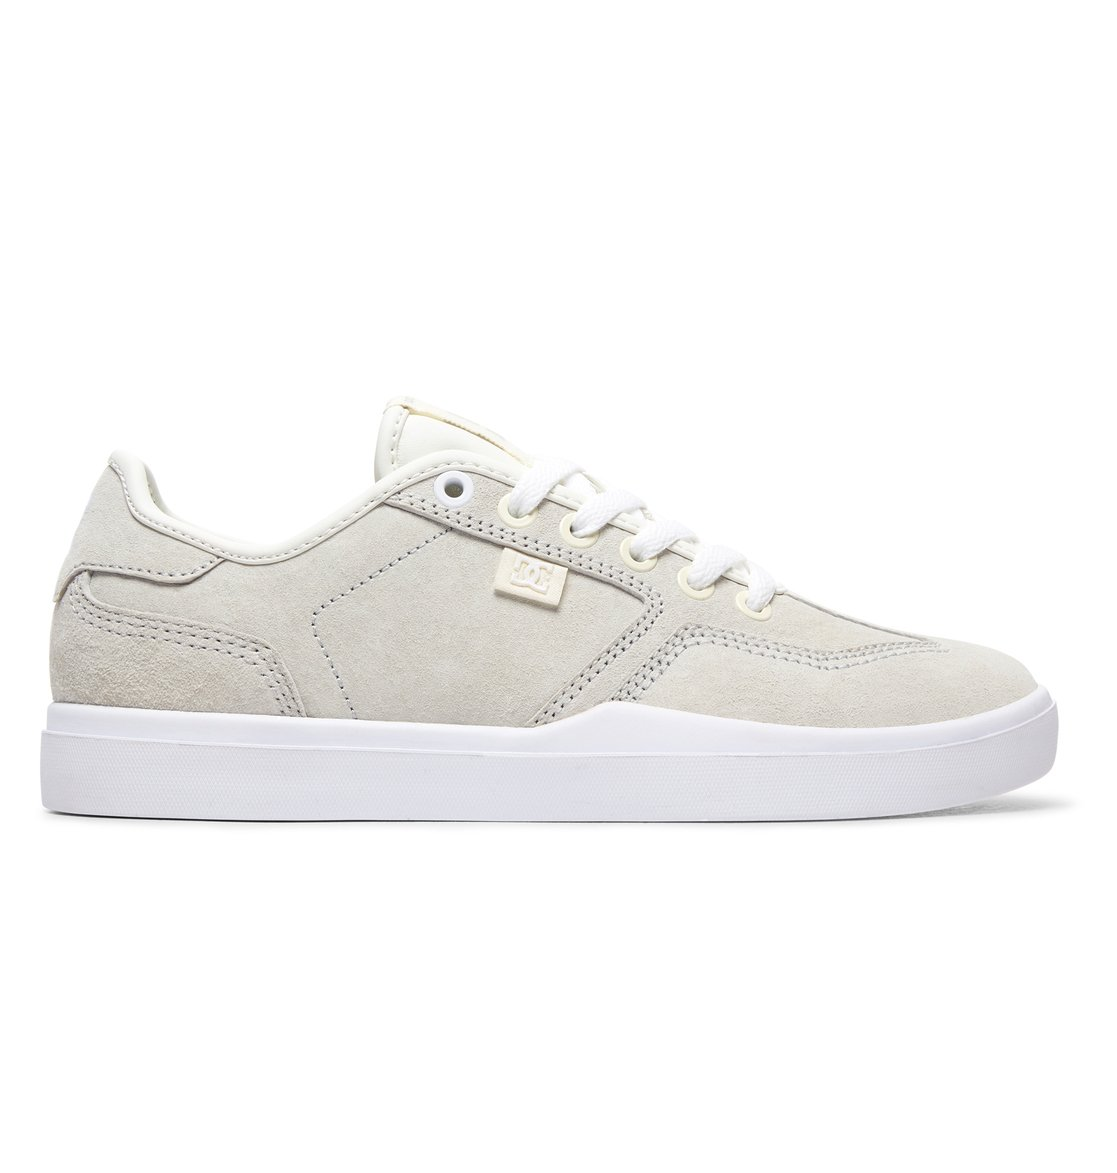 de Blanco ADJS300224 cuero Mujer LE para Zapatillas DC Shoes Vestrey 0 w0qRI8tn